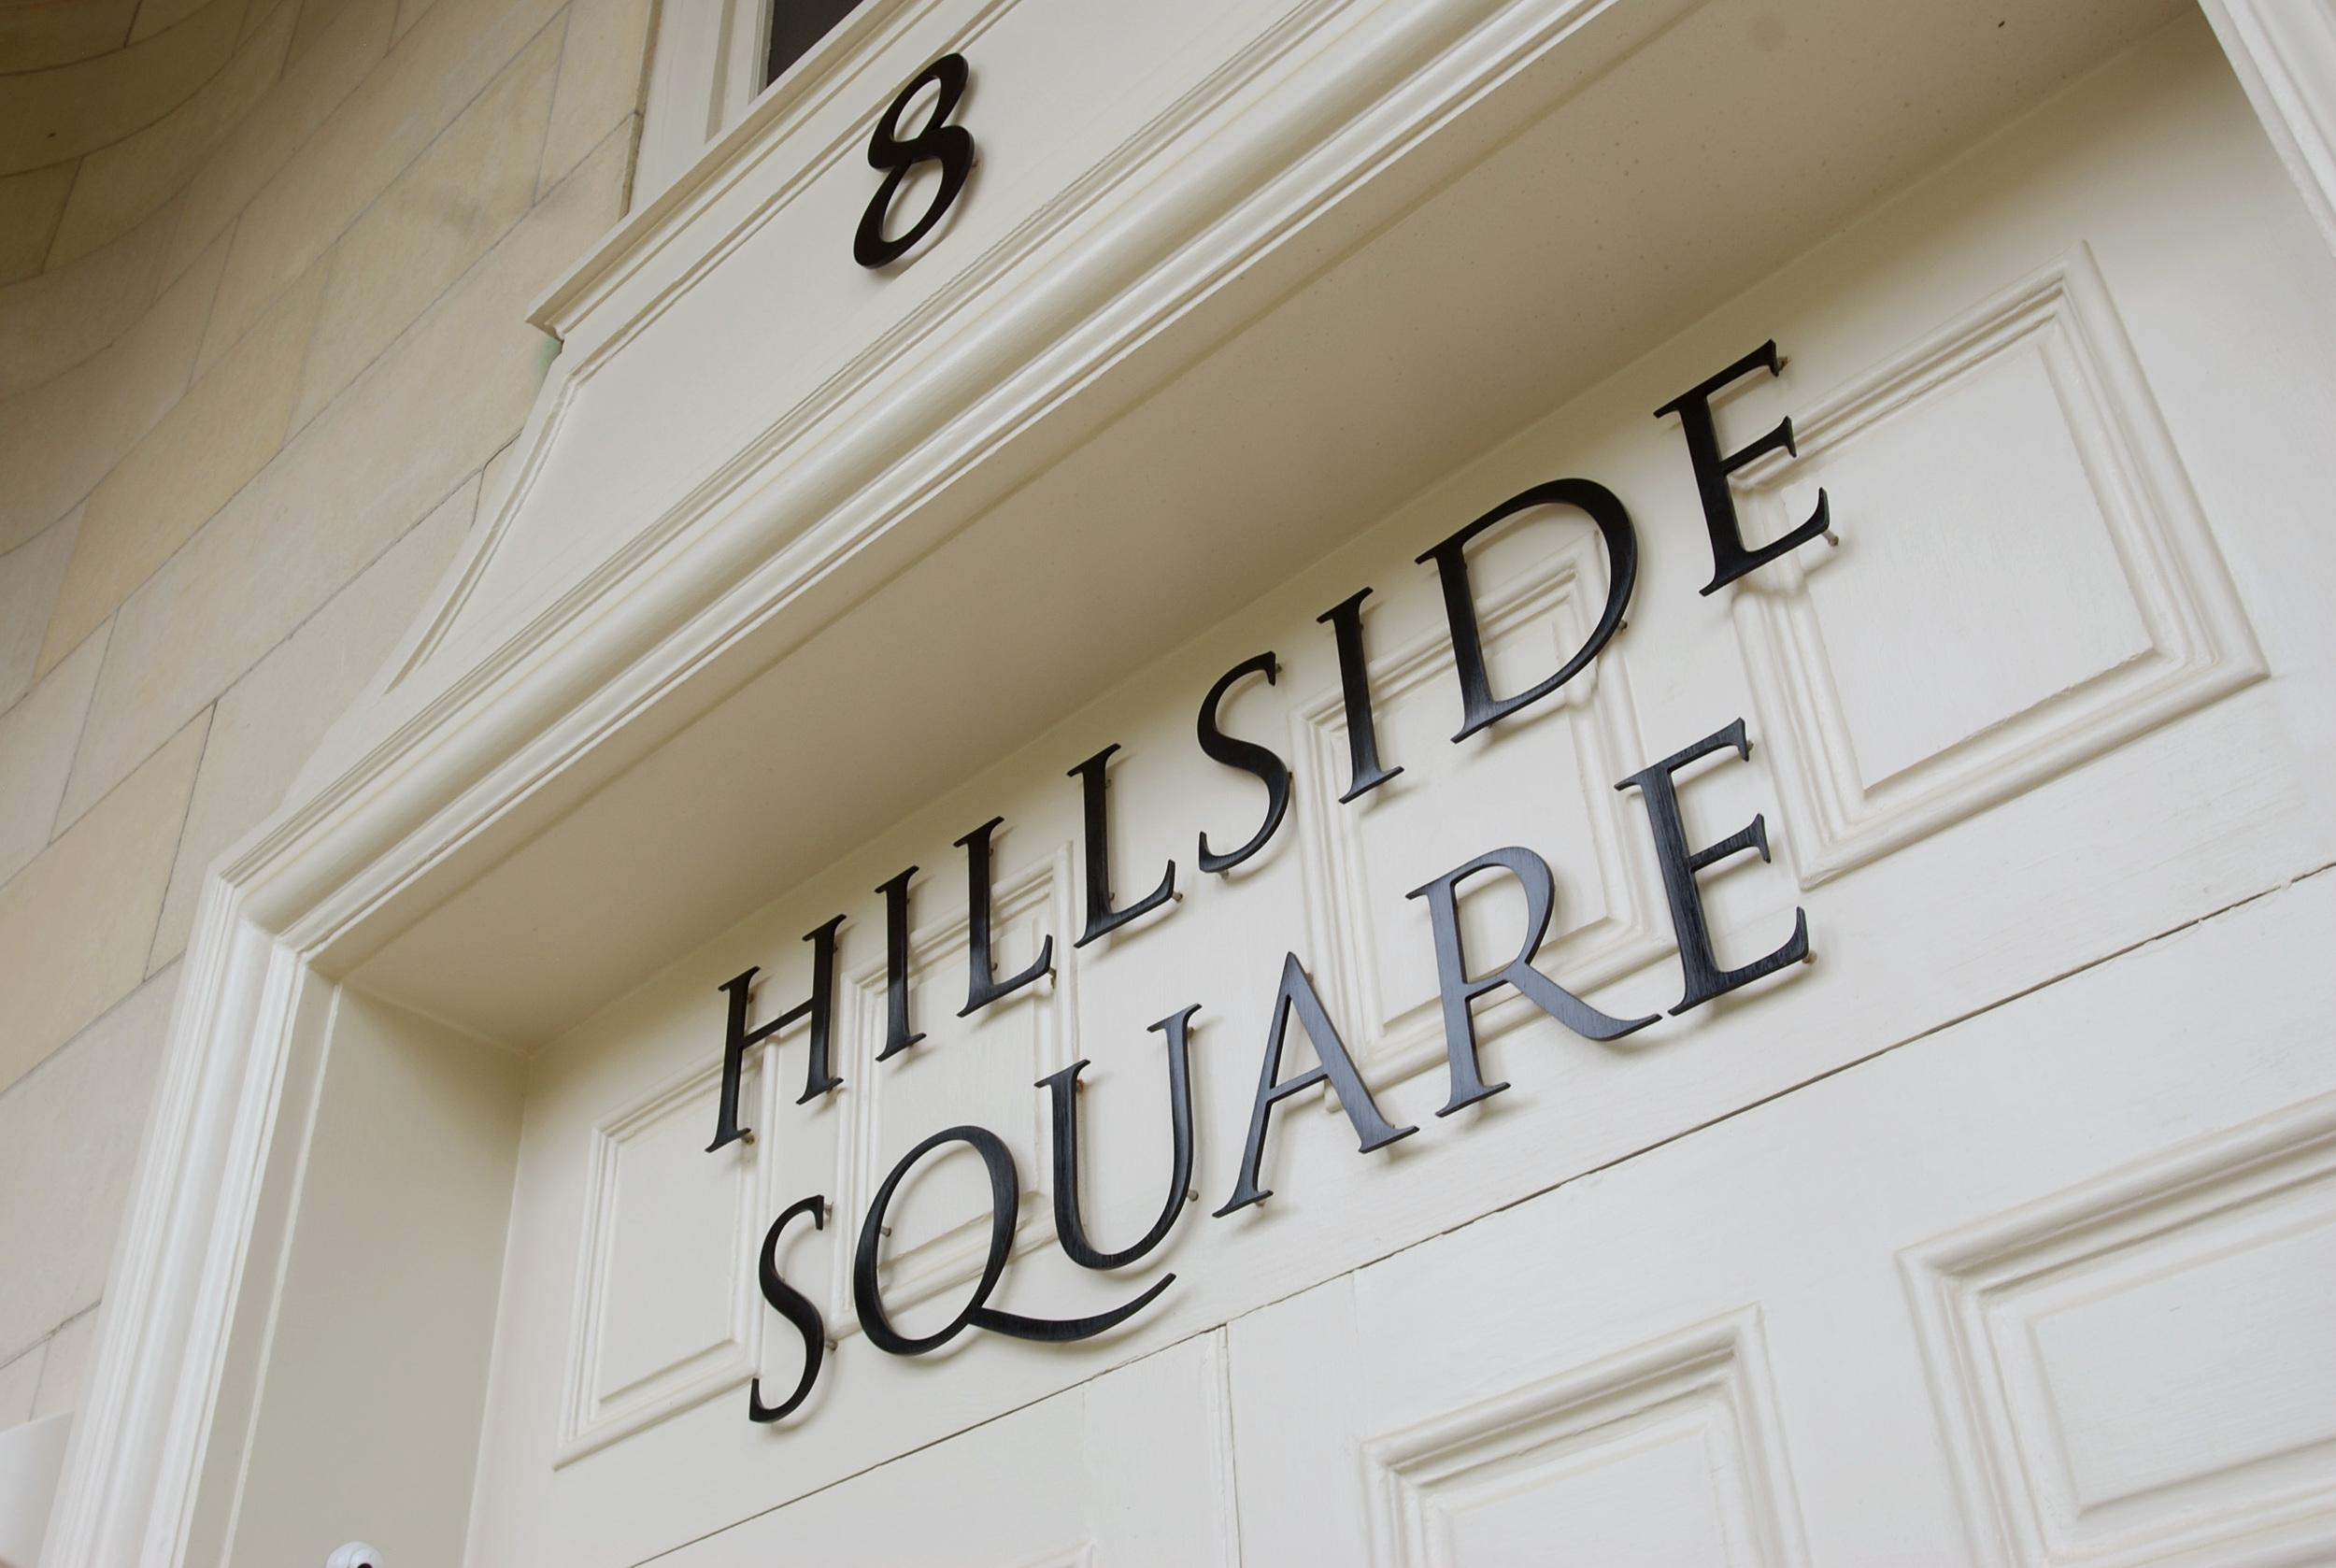 8_Hillside_Square_Signage_2.jpg